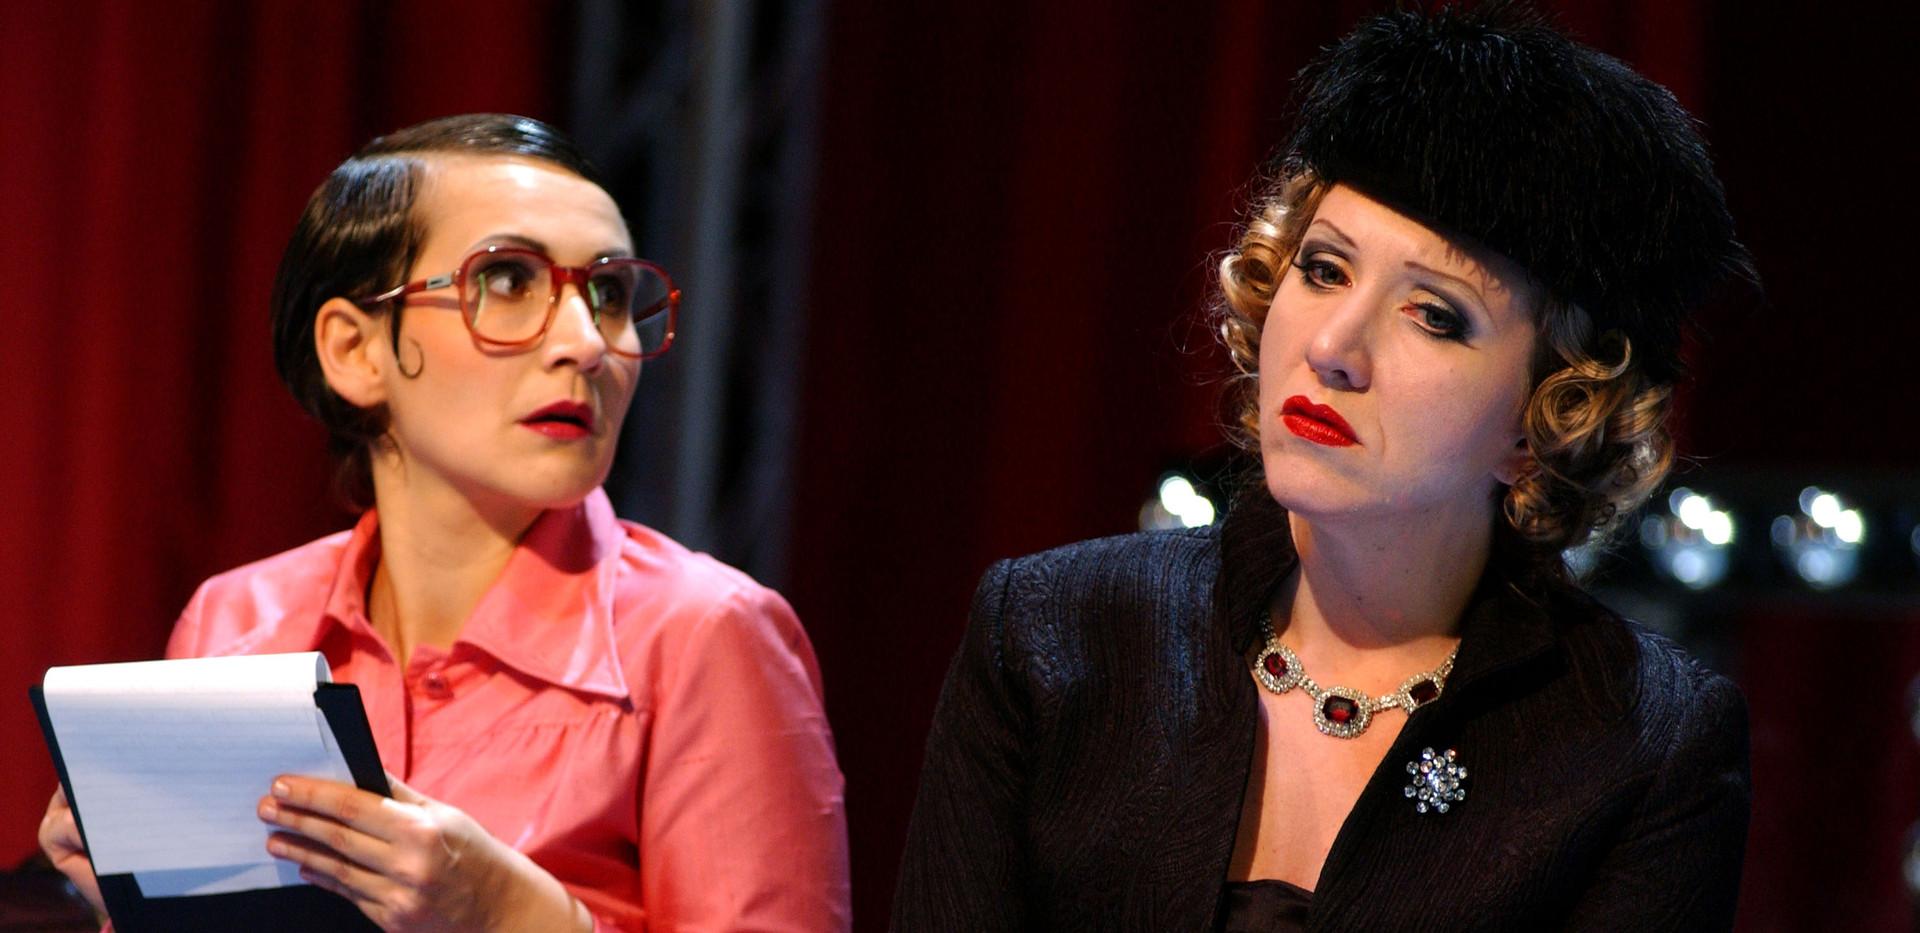 Powder her face, Oper Bonn (Journalistin: Eva Resch, Duchess: Jennifer Maines)